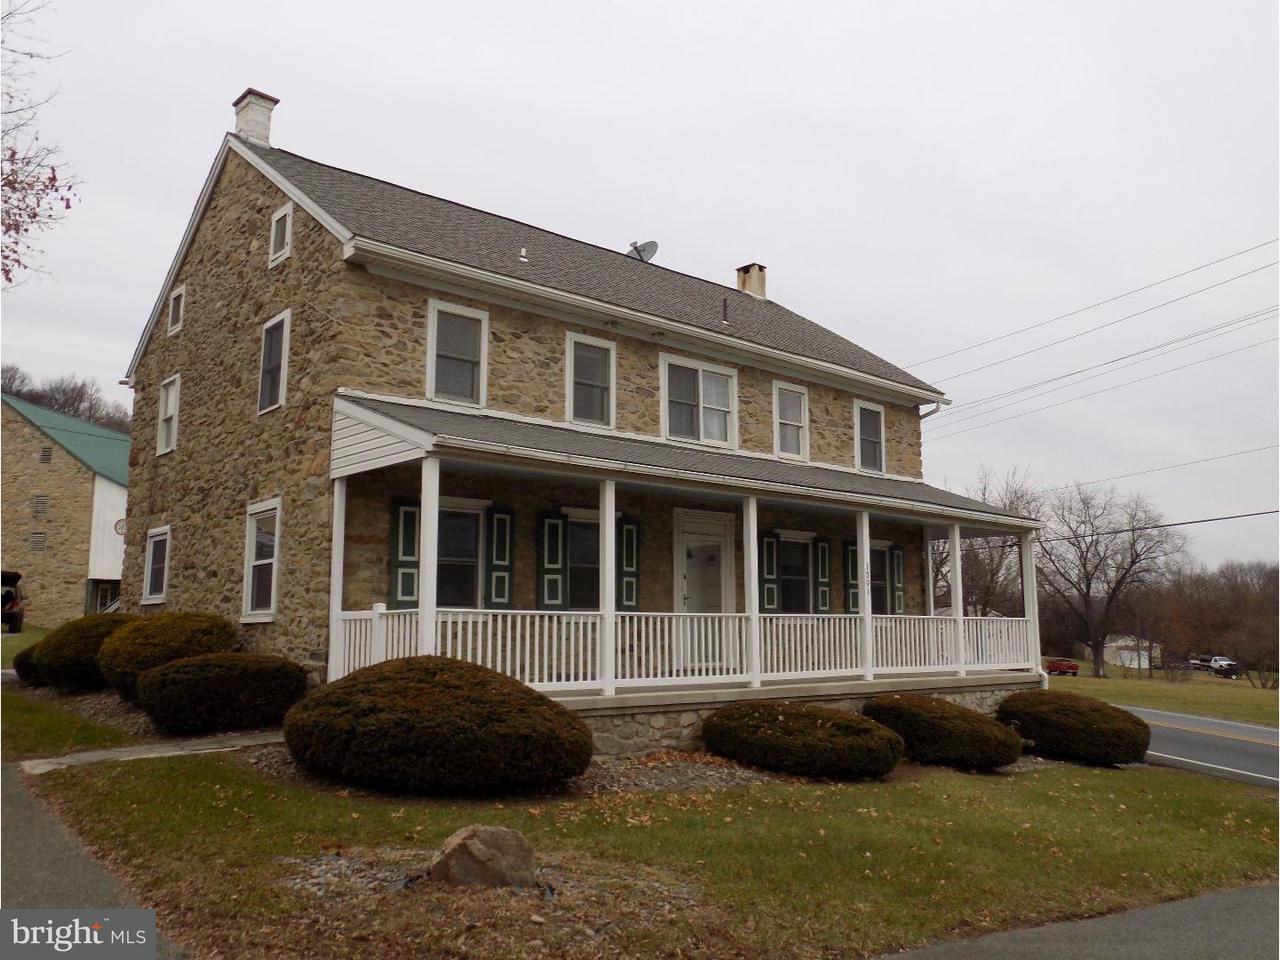 独户住宅 为 出租 在 1391 N READING AVE #UNIT B Bechtelsville, 宾夕法尼亚州 19505 美国